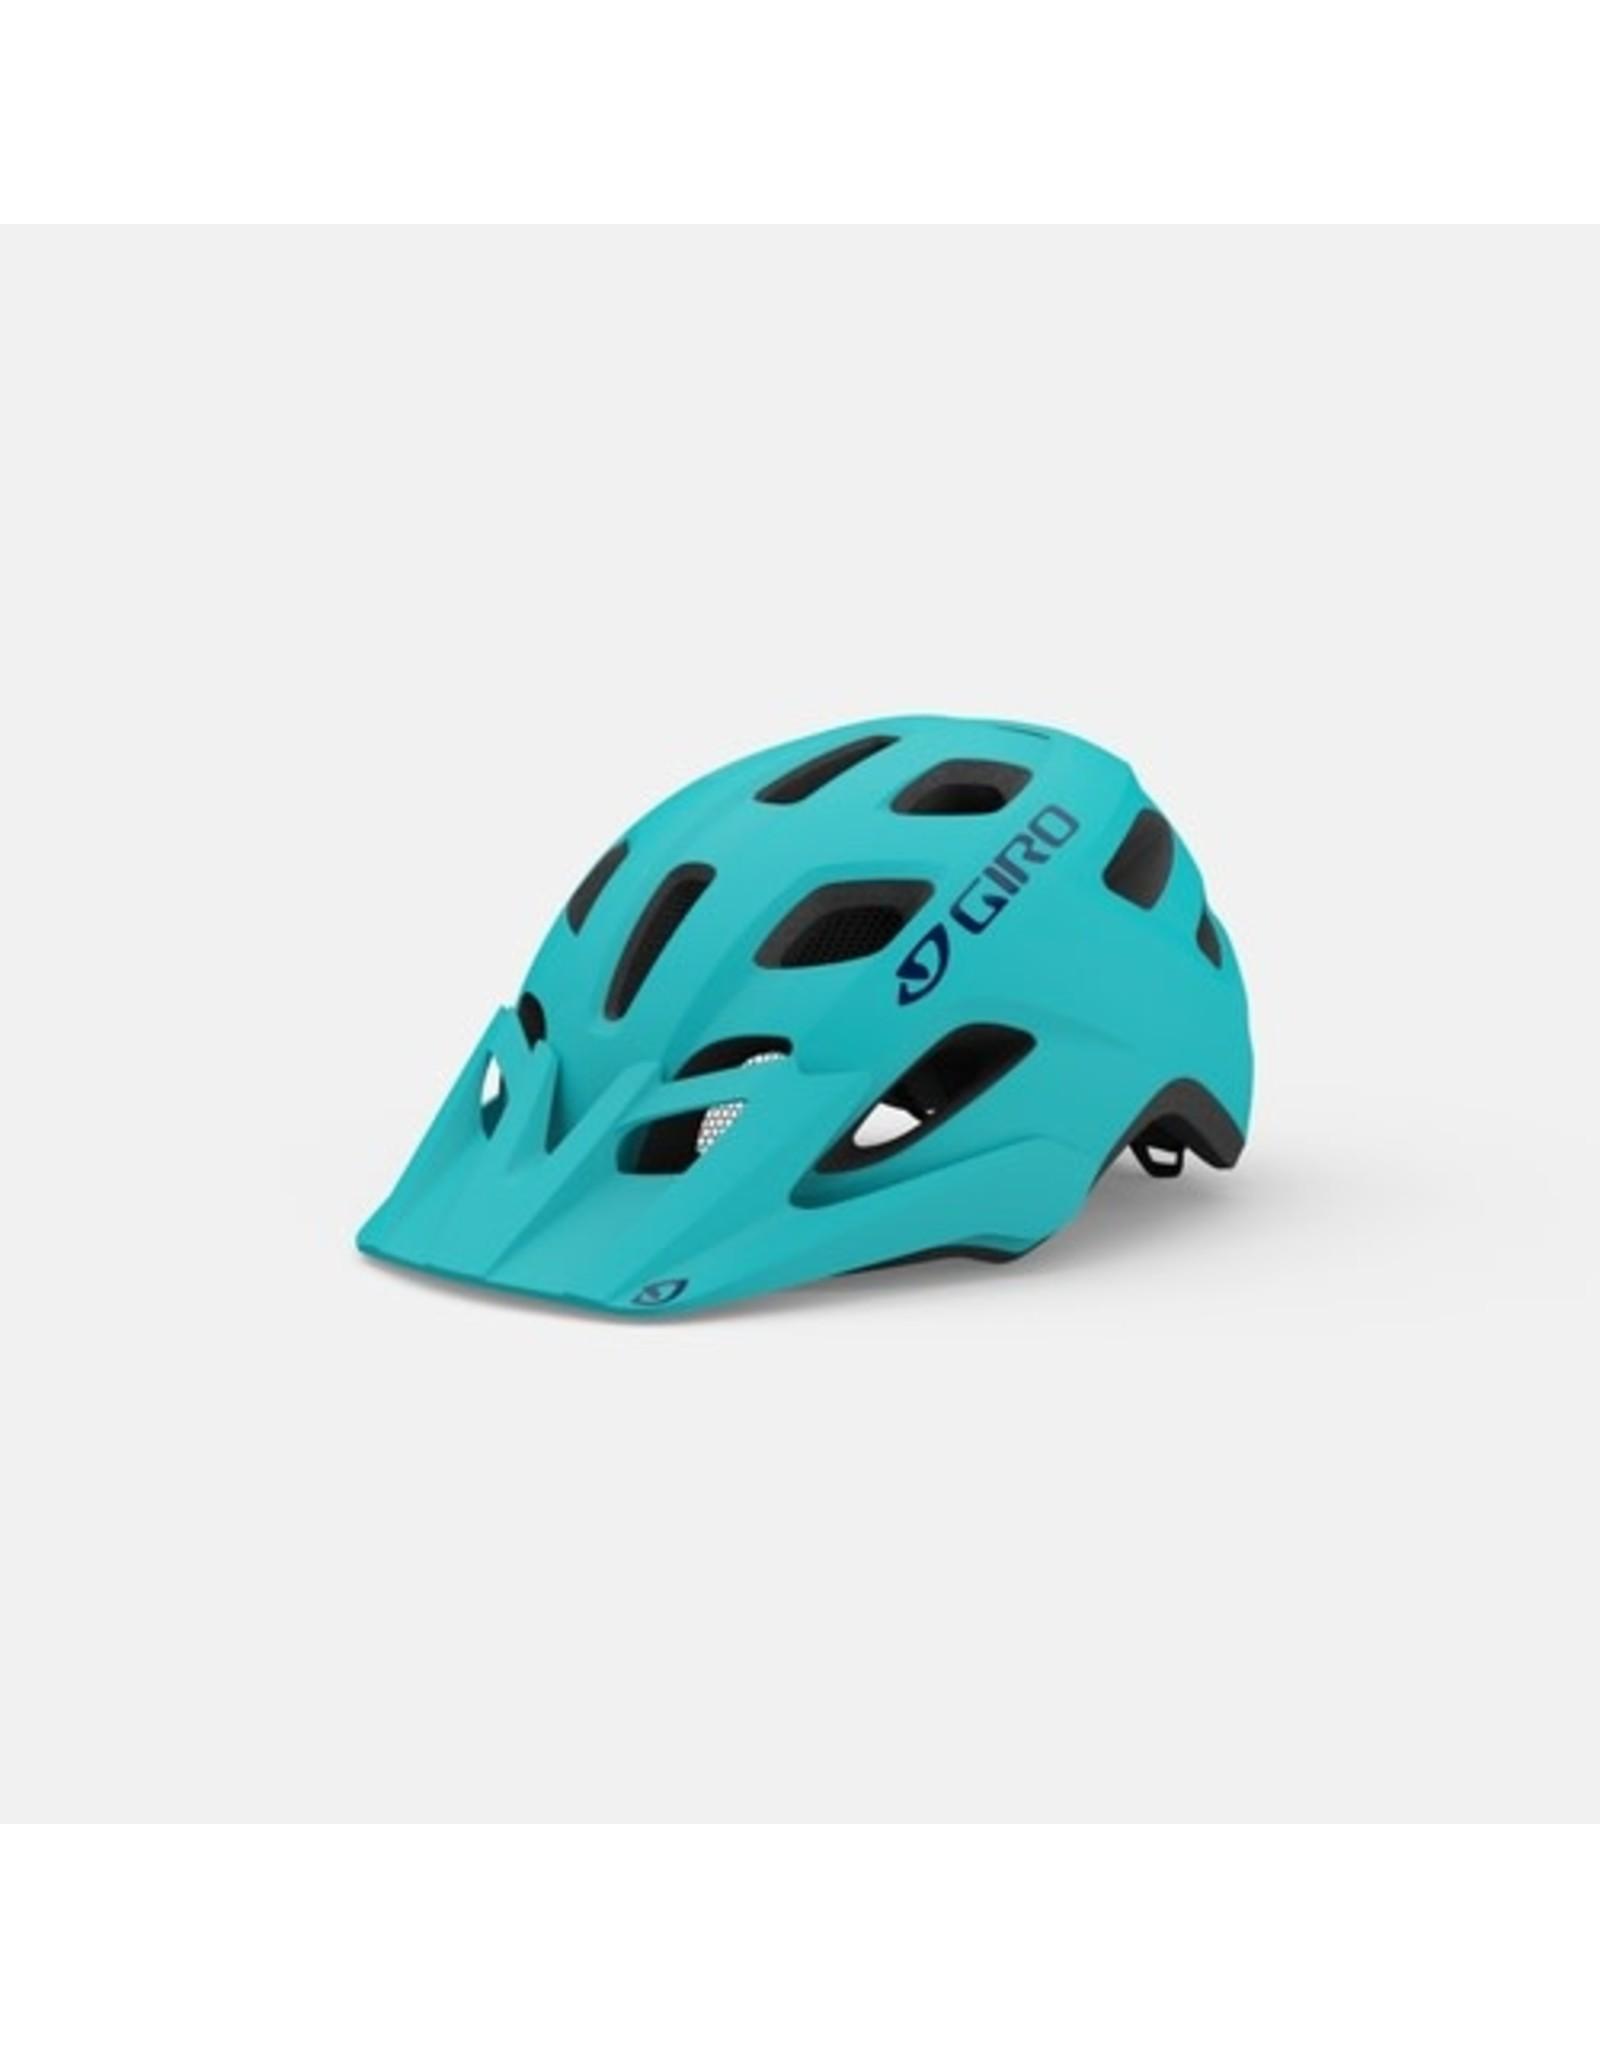 Giro Tremor Child Helmet